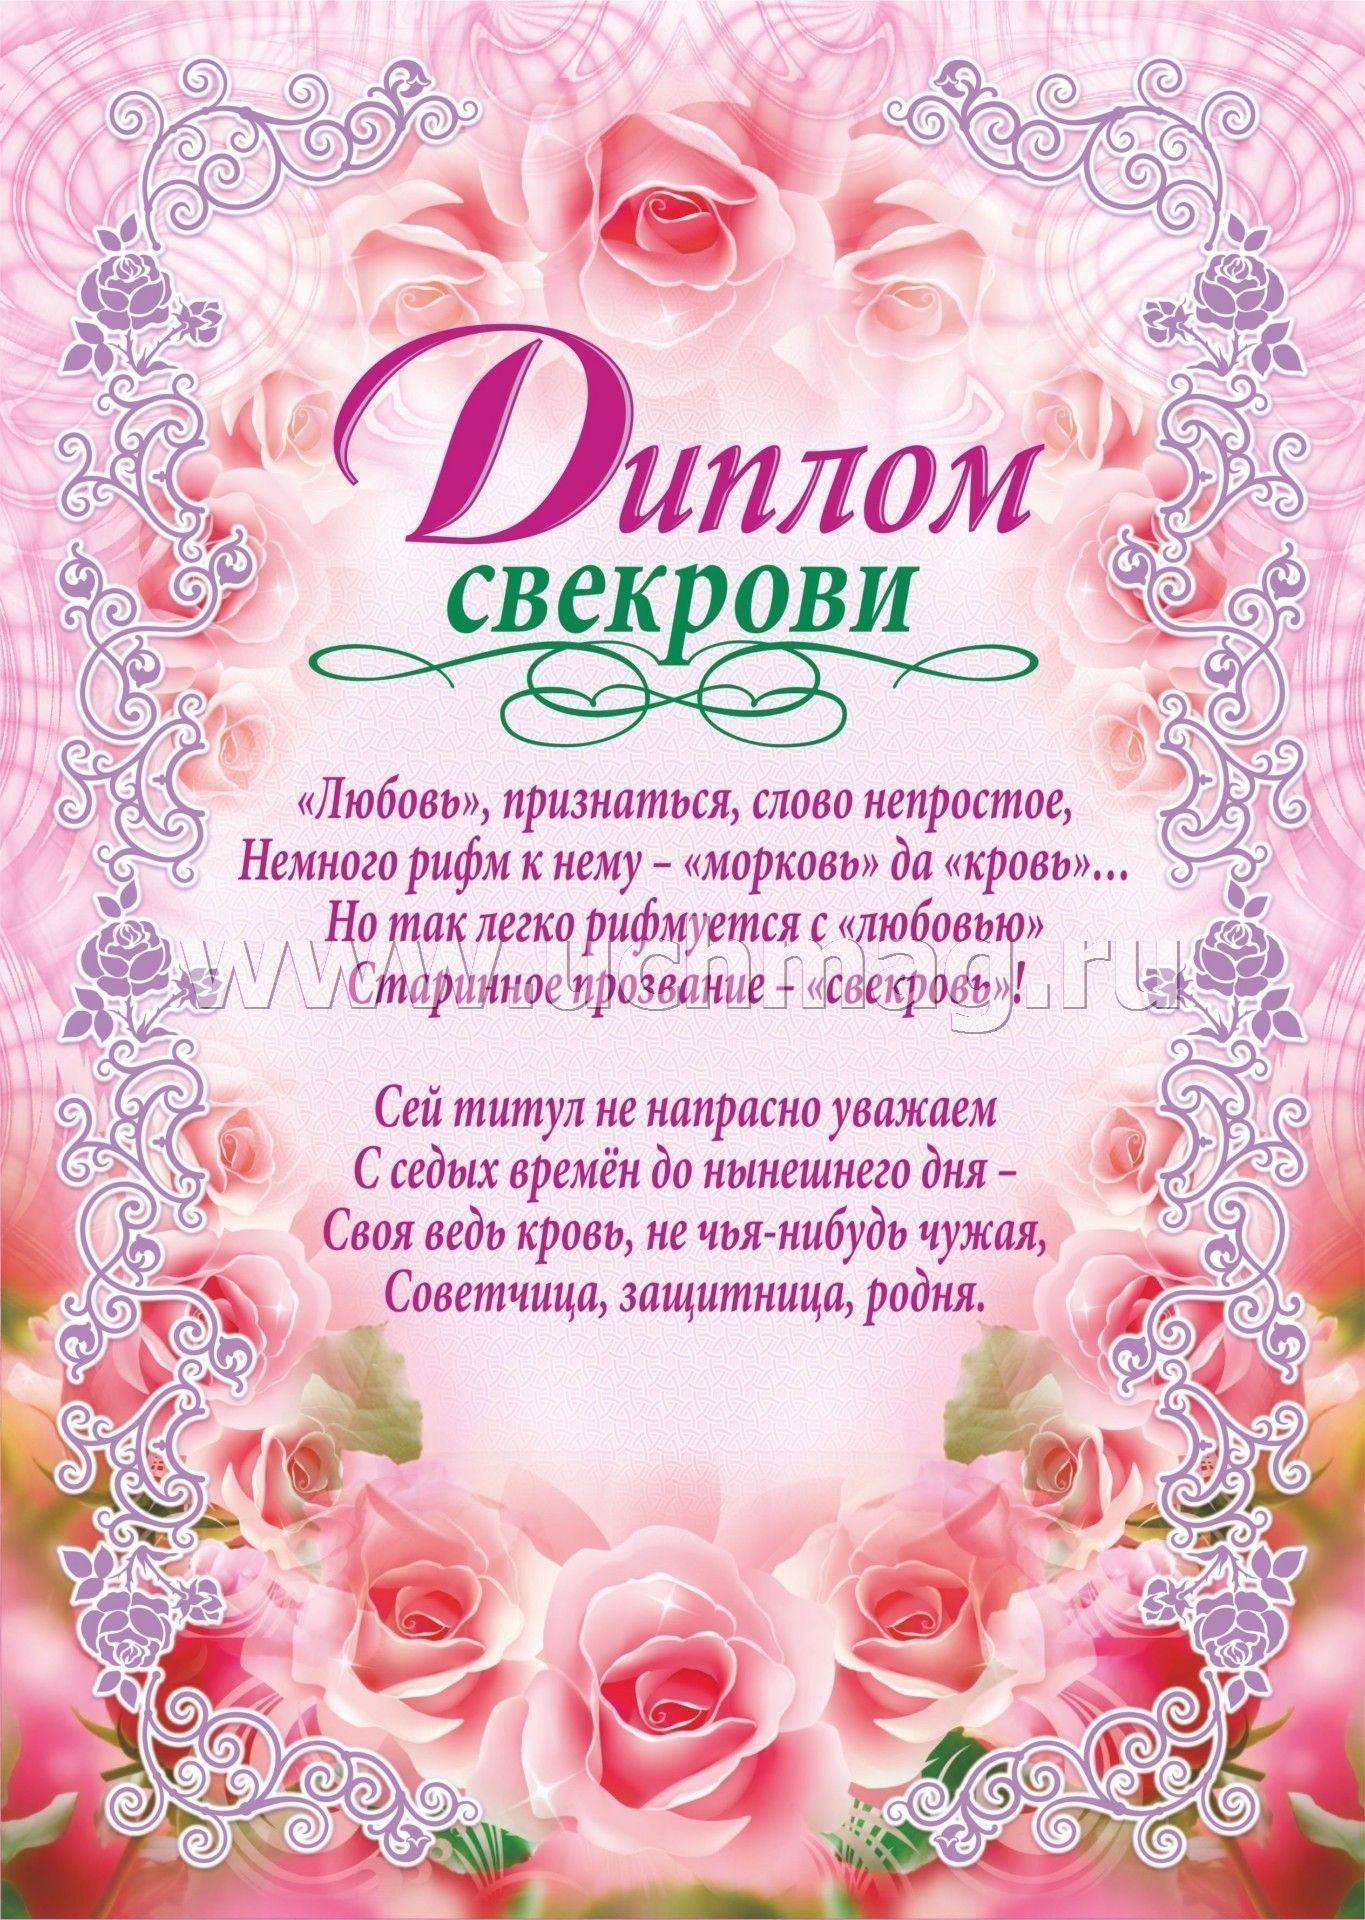 Диплом свекрови свадебная символика купить по цене руб  Диплом свекрови свадебная символика интернет магазин УчМаг